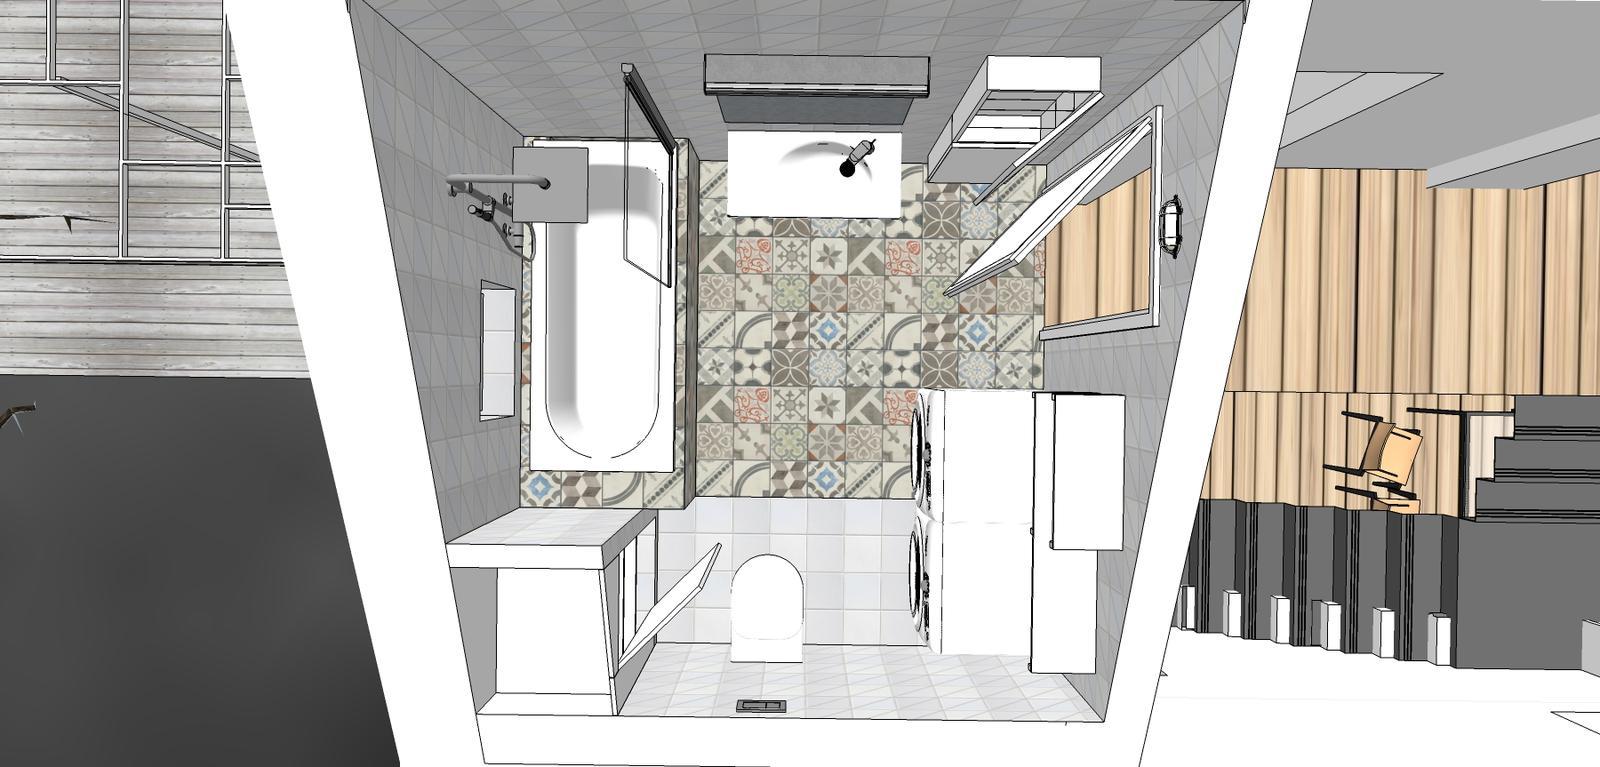 Planovanie a realizácia interieru - Obrázok č. 16